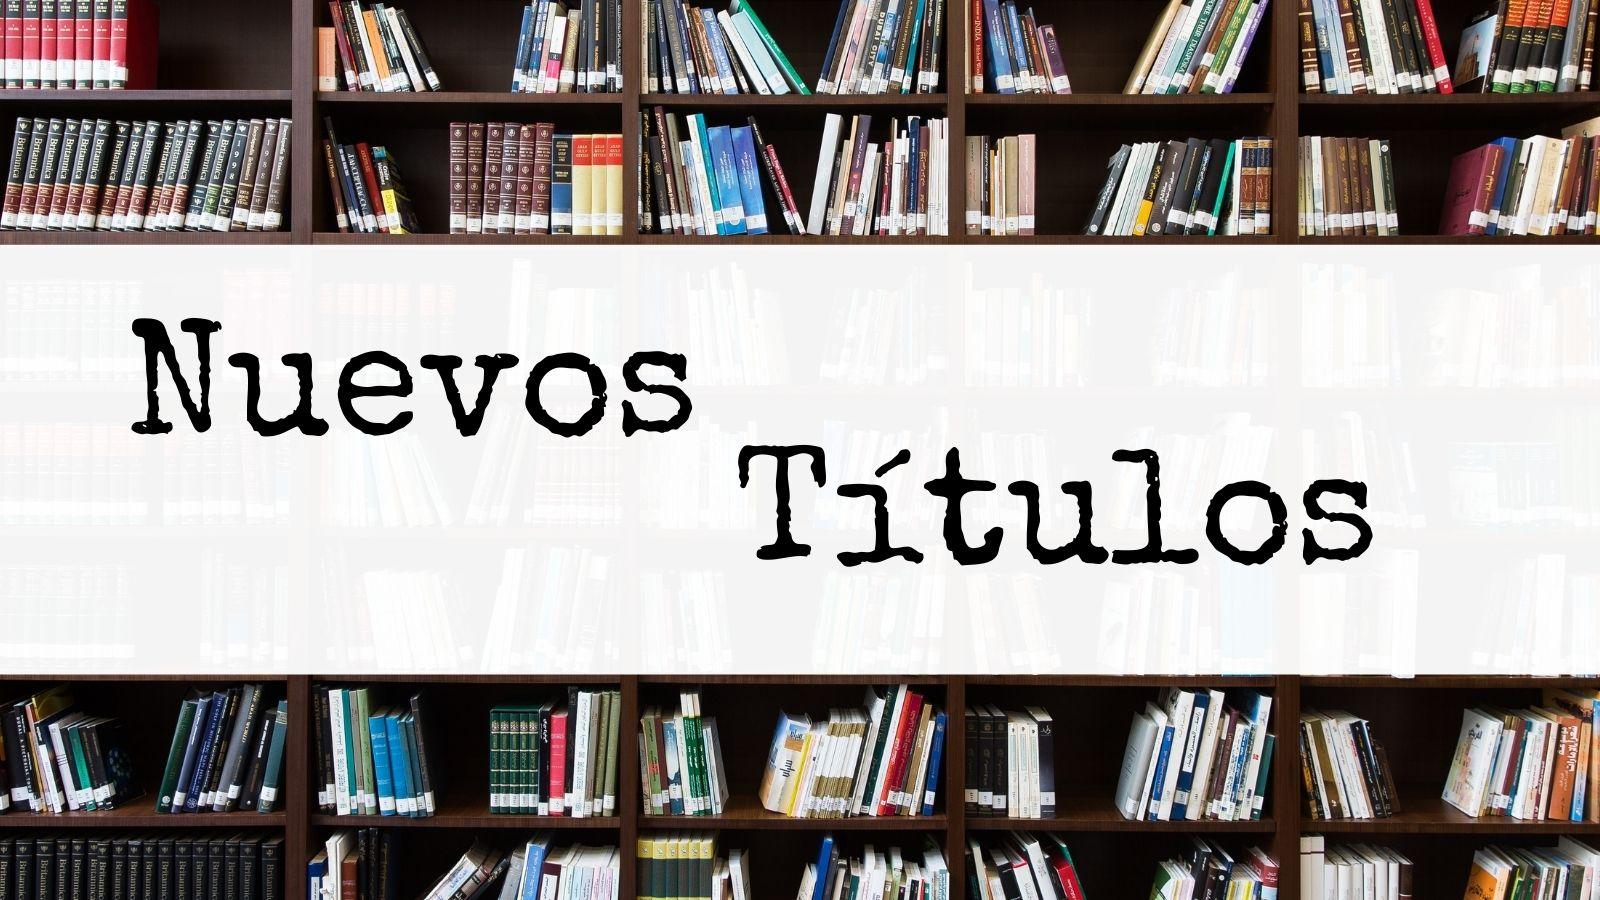 Novedades bibliográficas en la biblioteca municipal